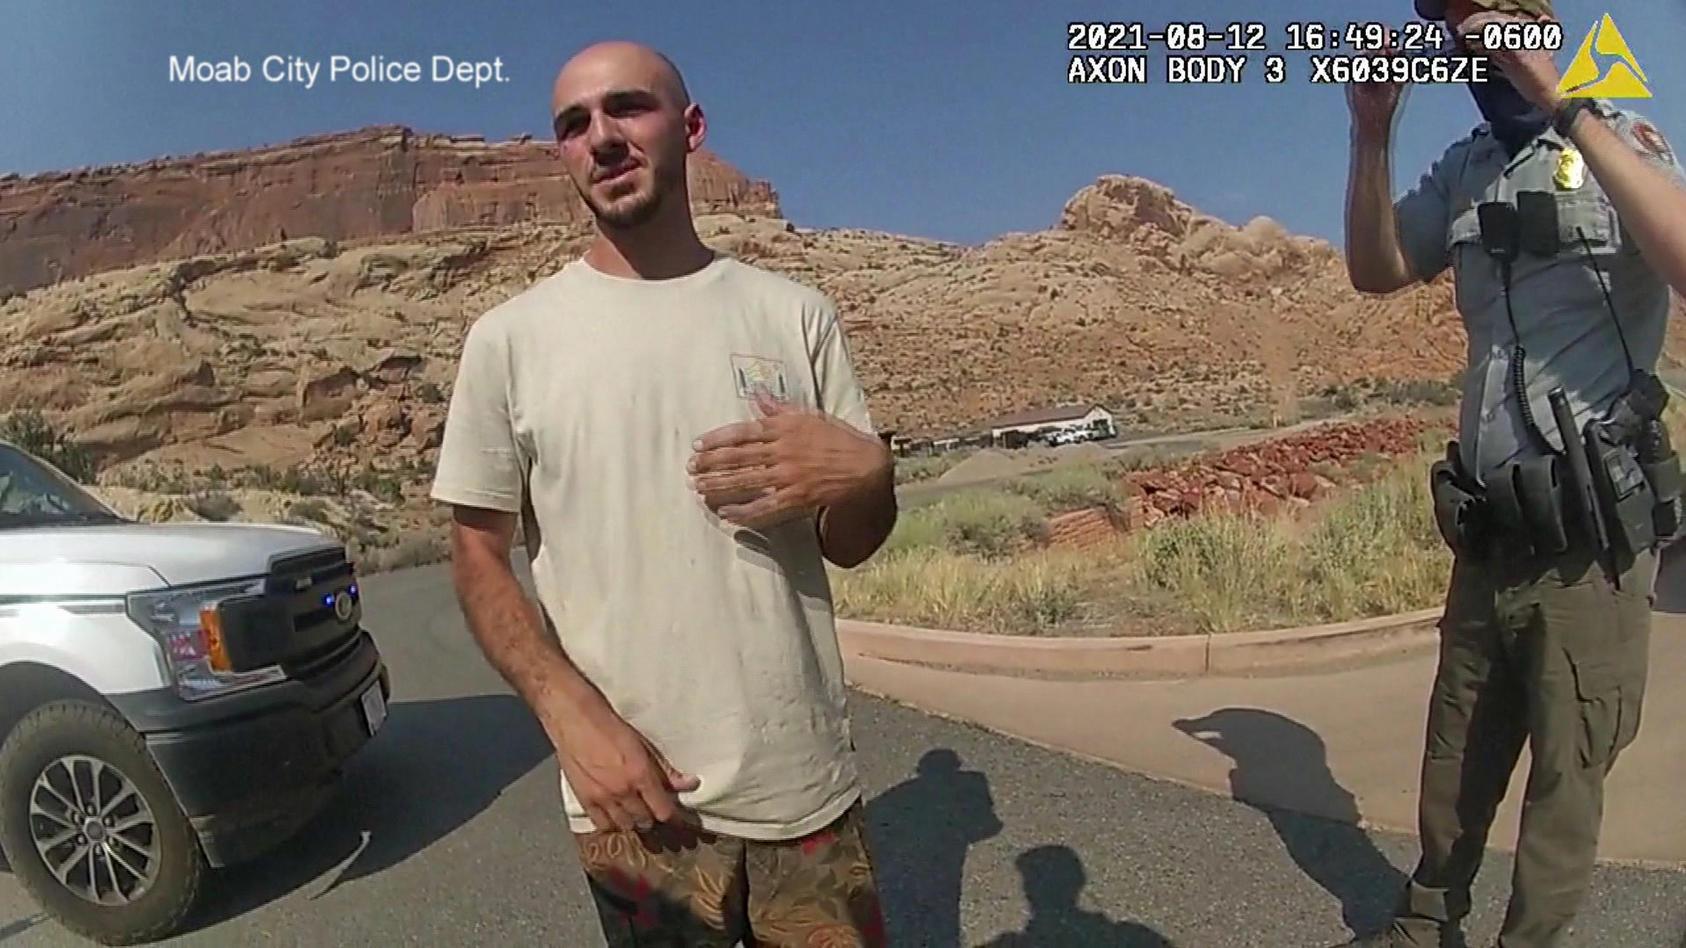 Die Polizei hat Bodycam-Aufnahmen von Brian Laundrie veröffentlicht.